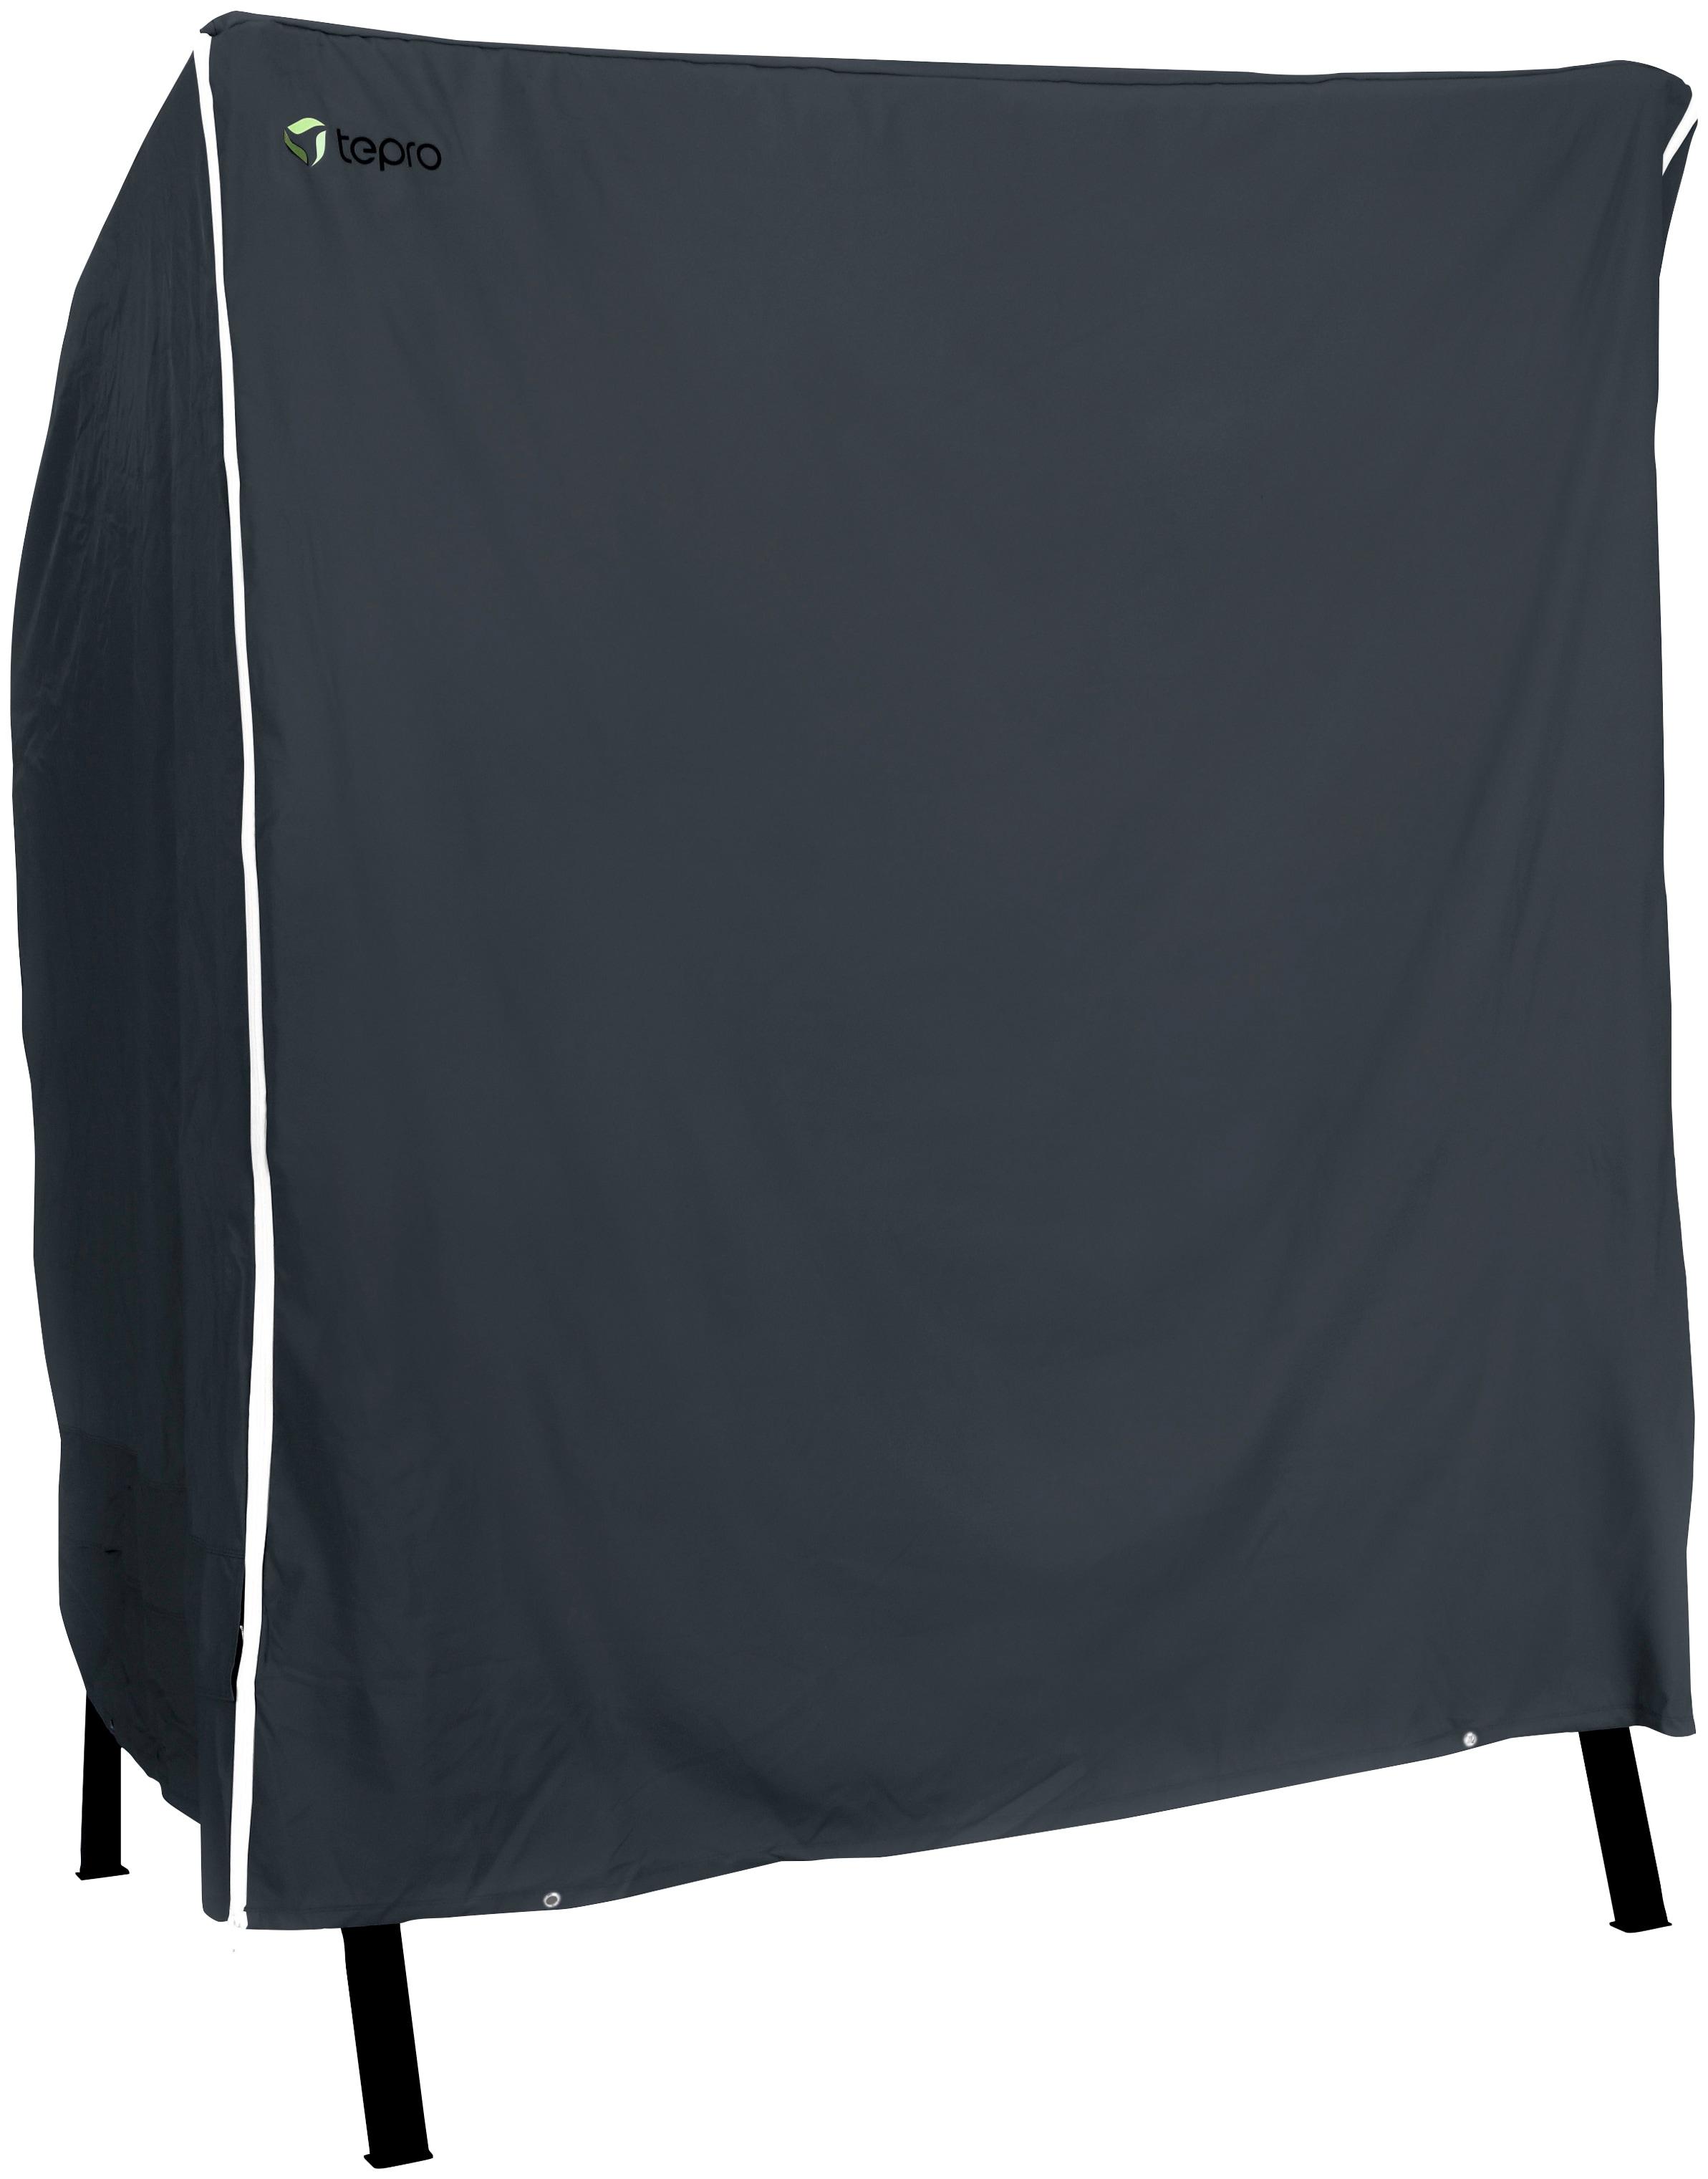 Tepro Strandkorb-Schutzhülle Universal, für Strandkorb groß, BxLxH: 155x105x170 cm schwarz Gartenmöbel-Schutzhüllen Gartenmöbel Gartendeko